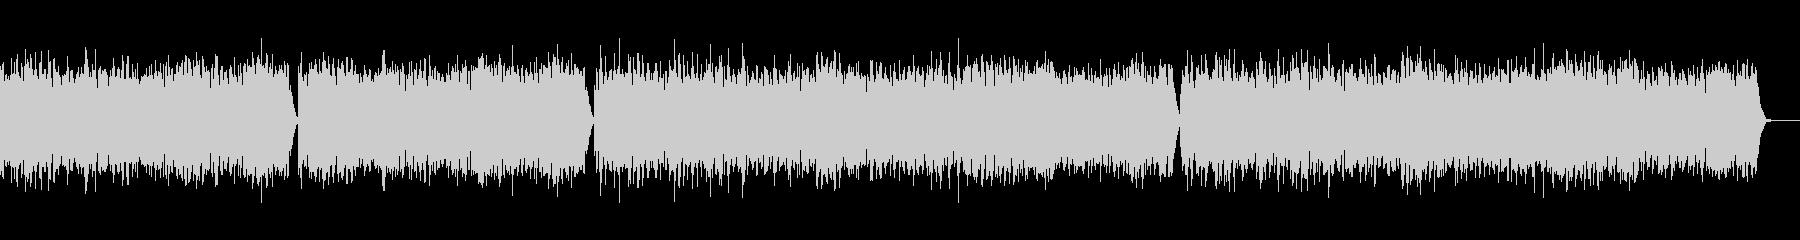 上品で繊細なチェンバロ バロック・高音質の未再生の波形